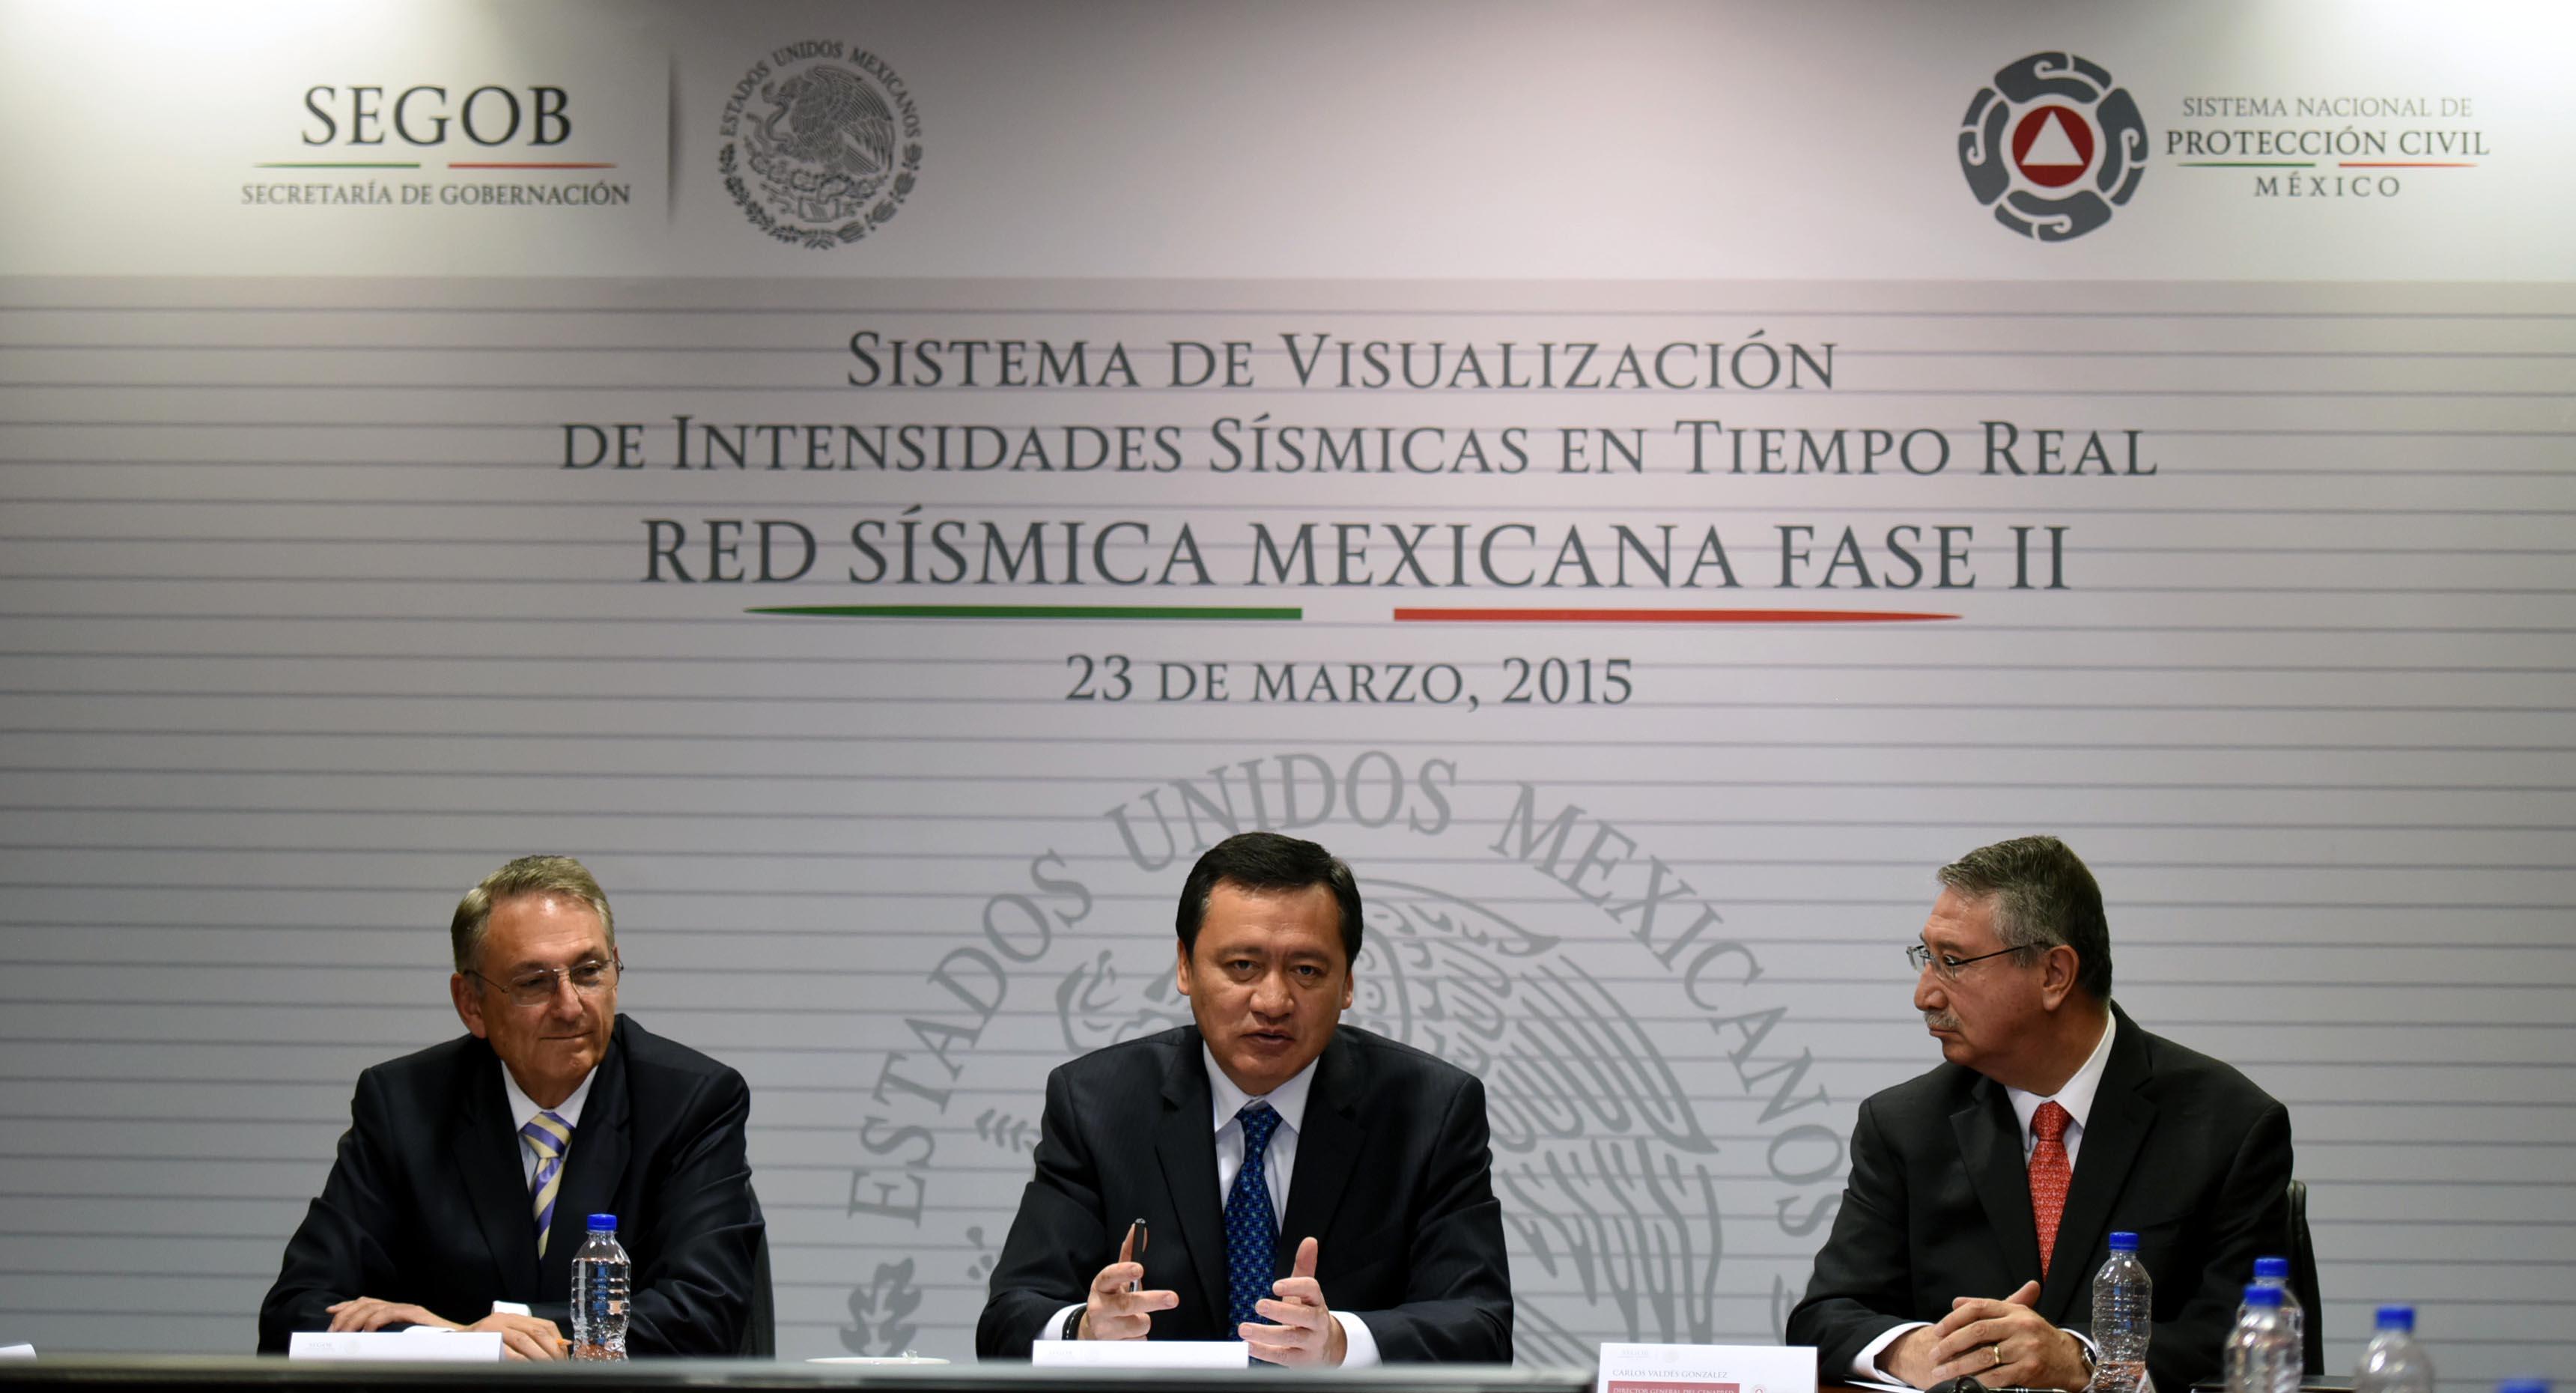 El Secretario de Gobernación, Miguel Ángel Osorio Chong, encabeza la reunión de la Red Sísmica Mexicana Fase II